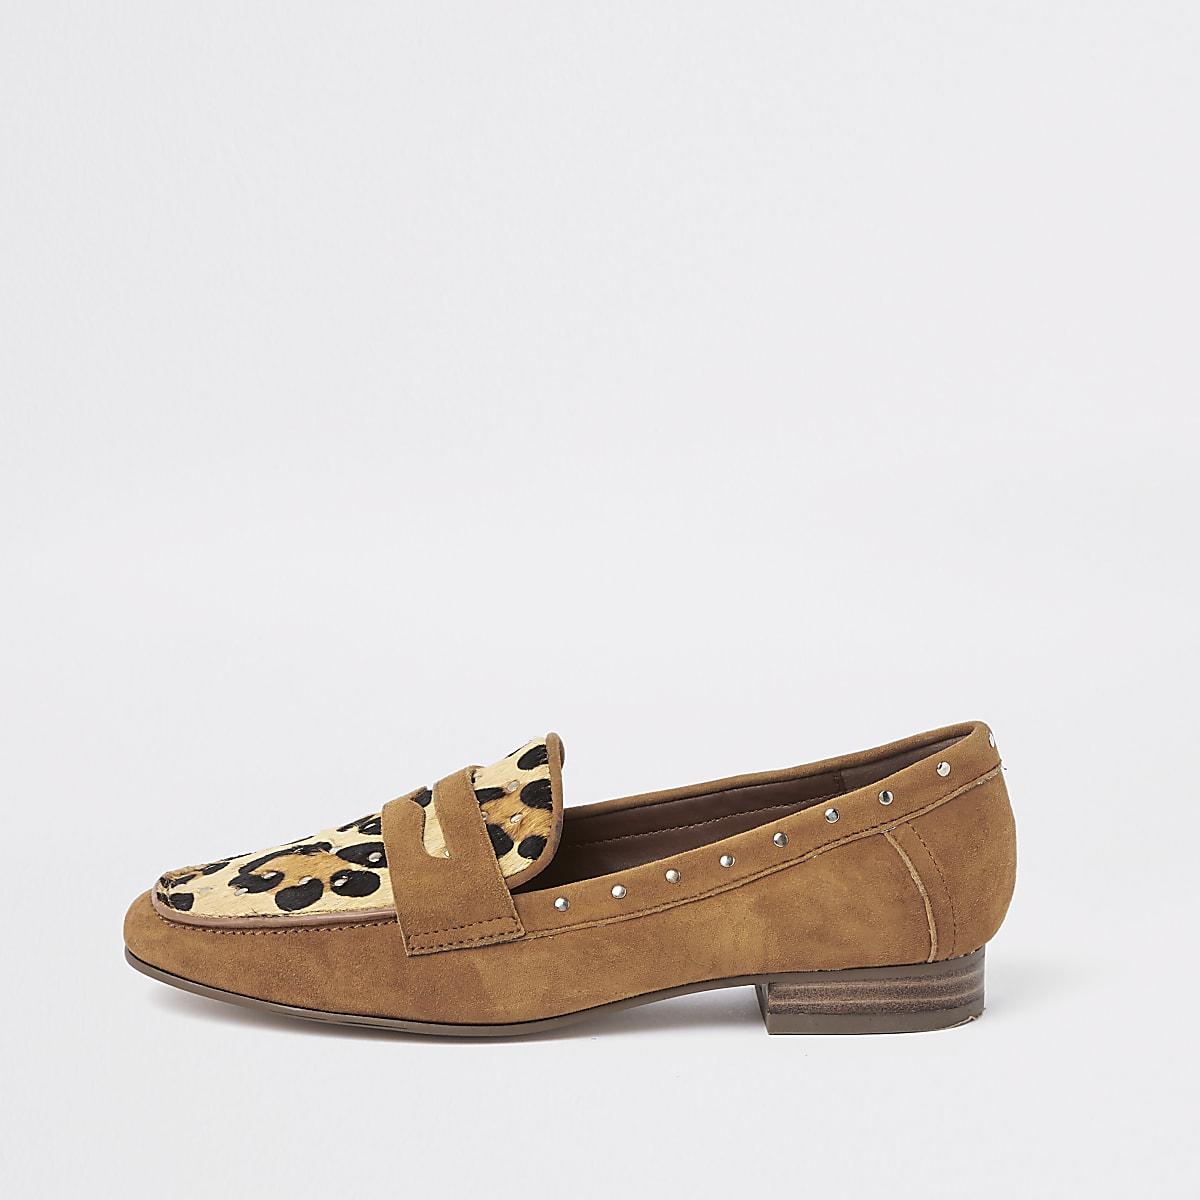 587525db656 Bruine suède loafers met luipaardprint en studs - Schoenen ...